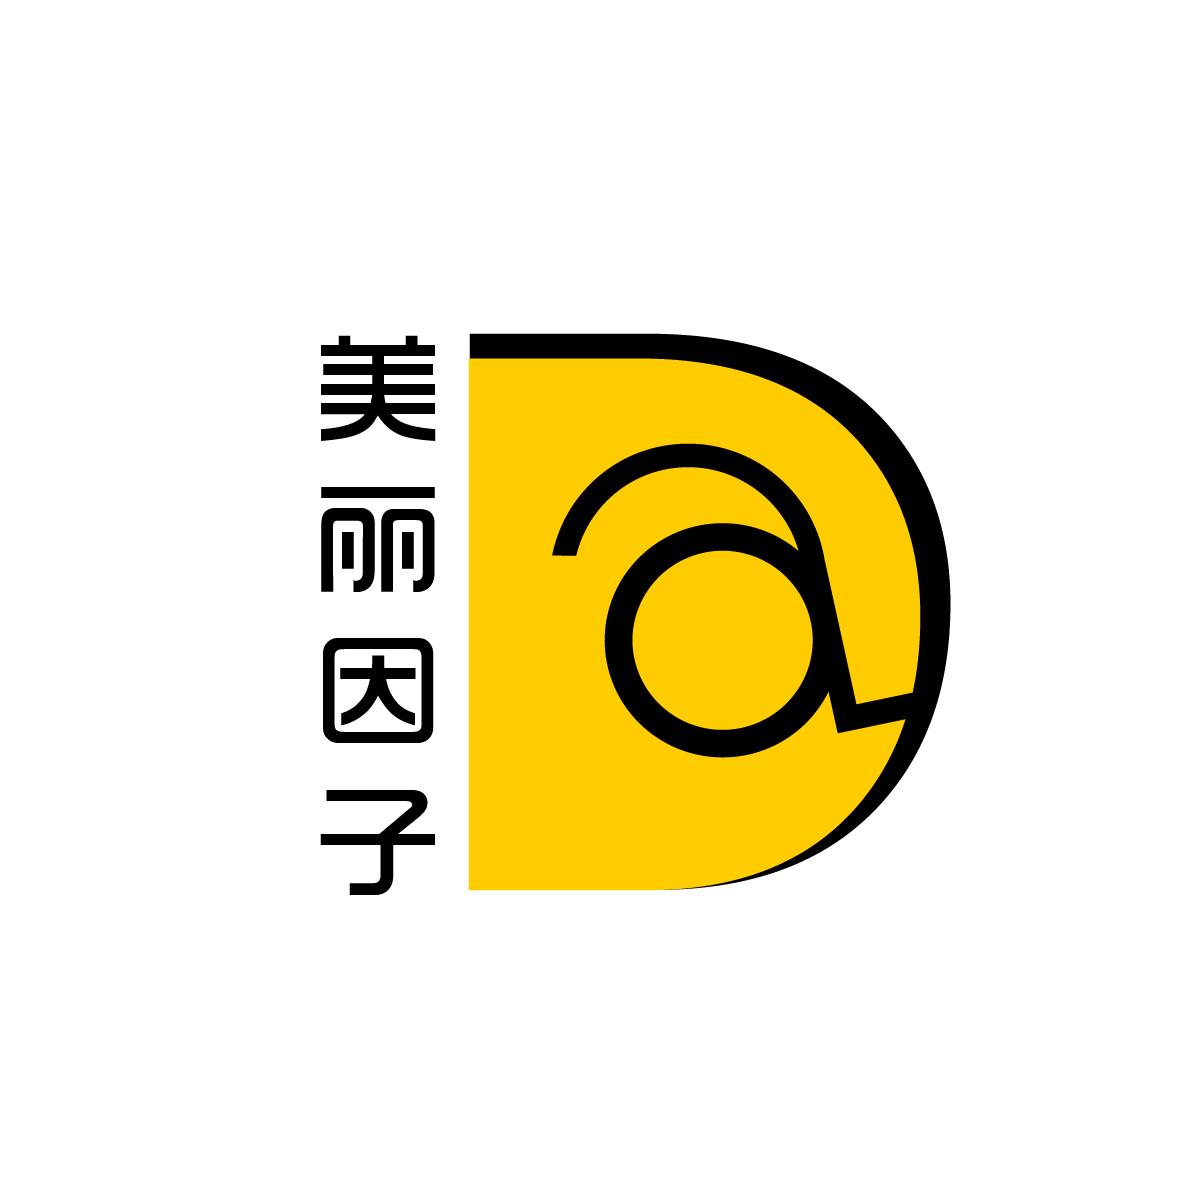 Logo修改或设计+网站小图标_3027802_k68威客网